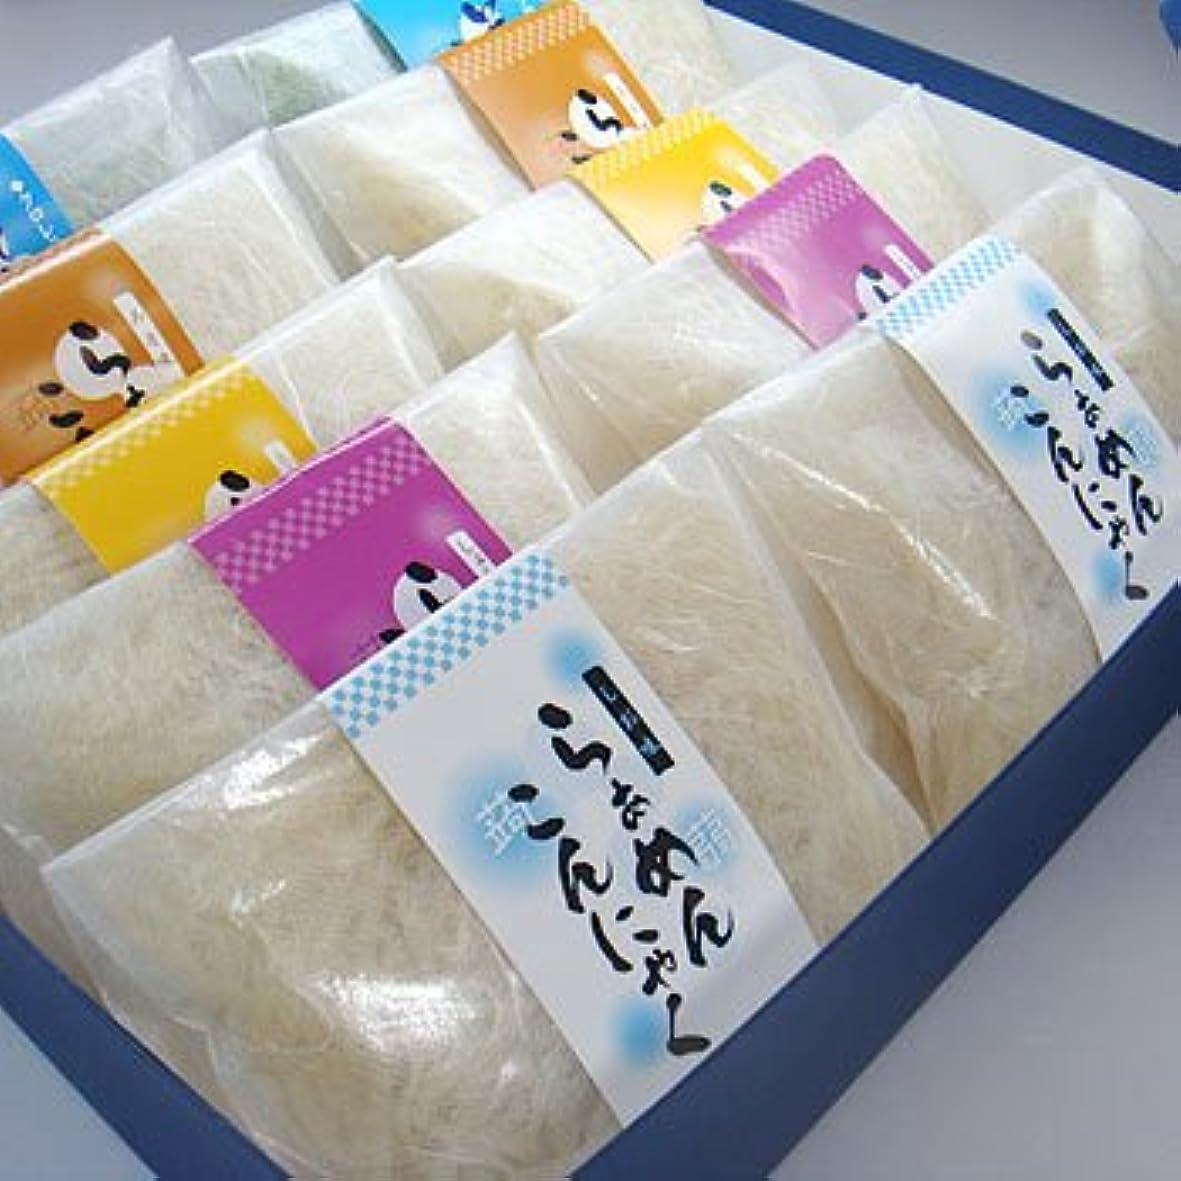 収束蒸留アンテナギフト箱入こんにゃくラーメン10食セット【お中元】【ギフト】【ダイエット】【蒟蒻麺】